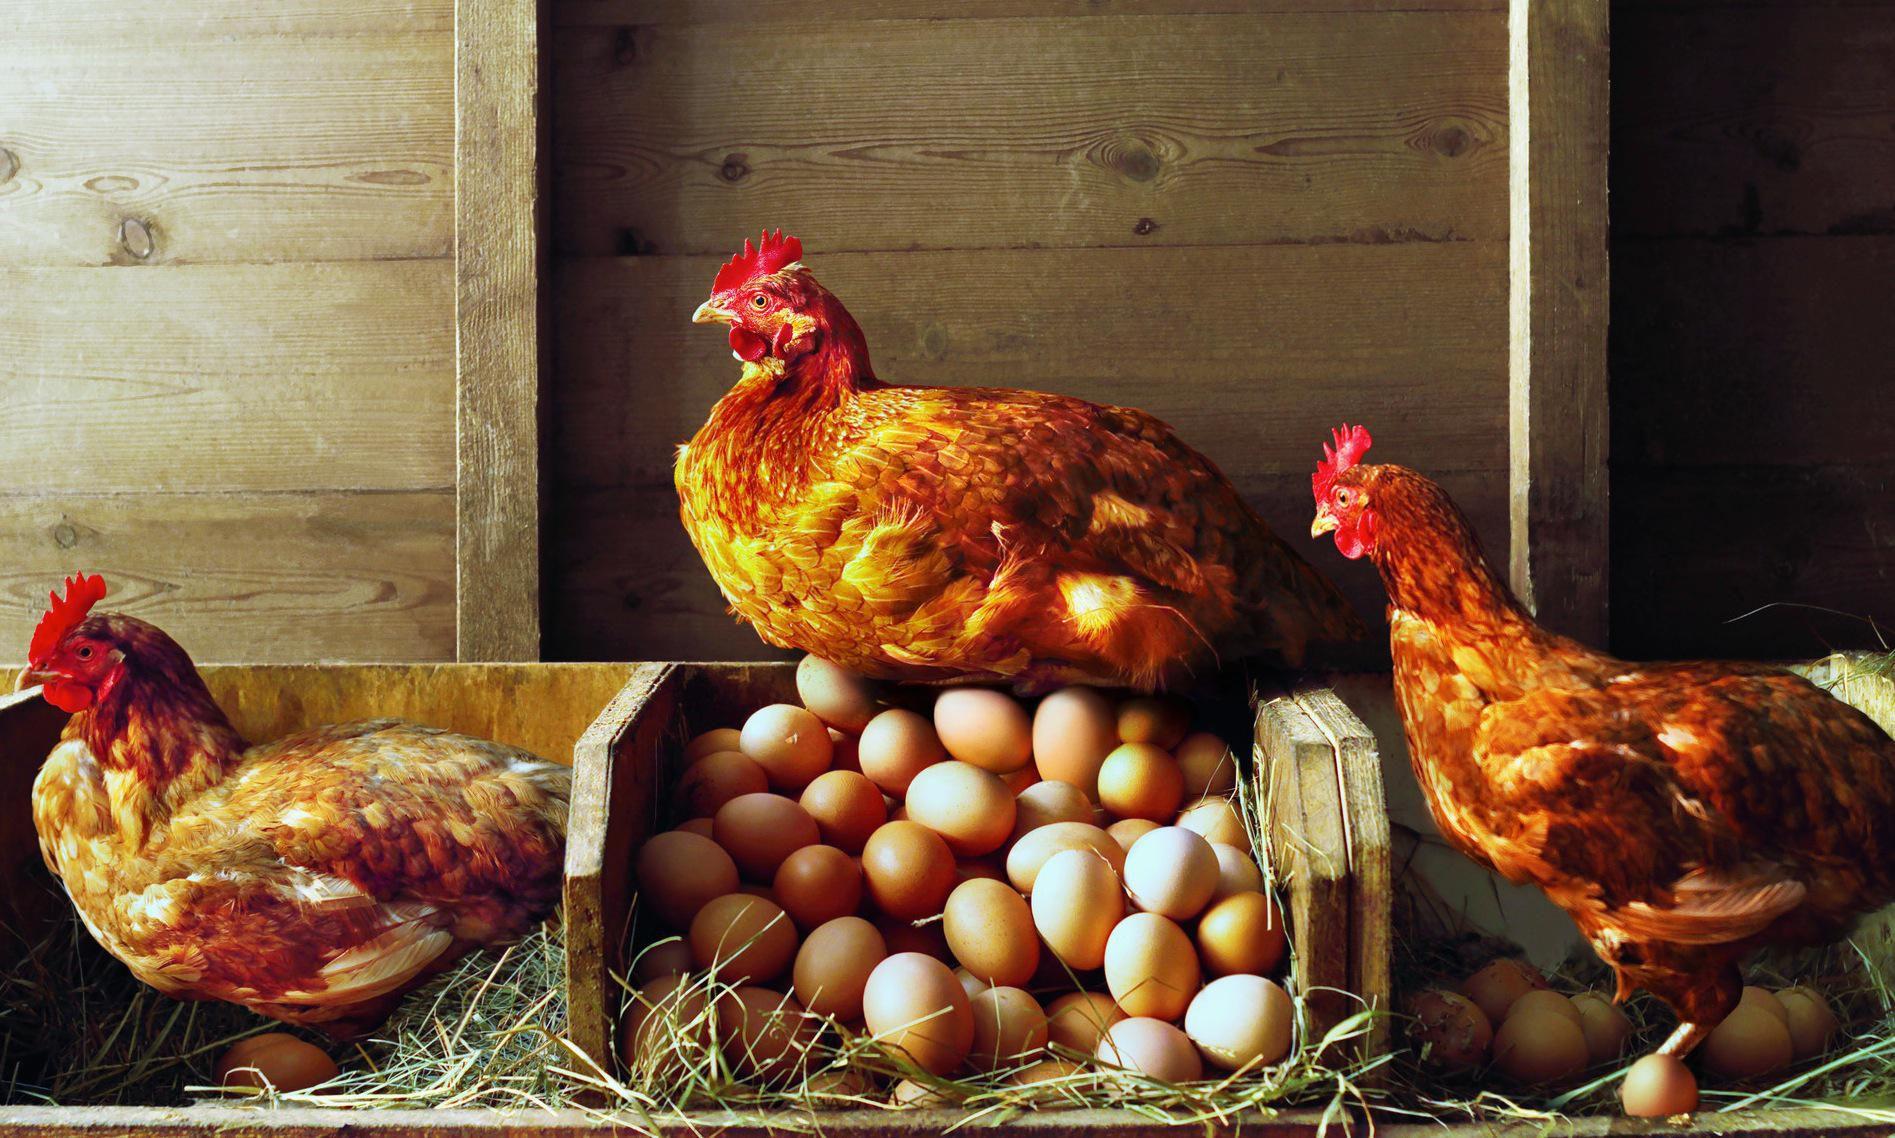 Lay Mammals Eggs All